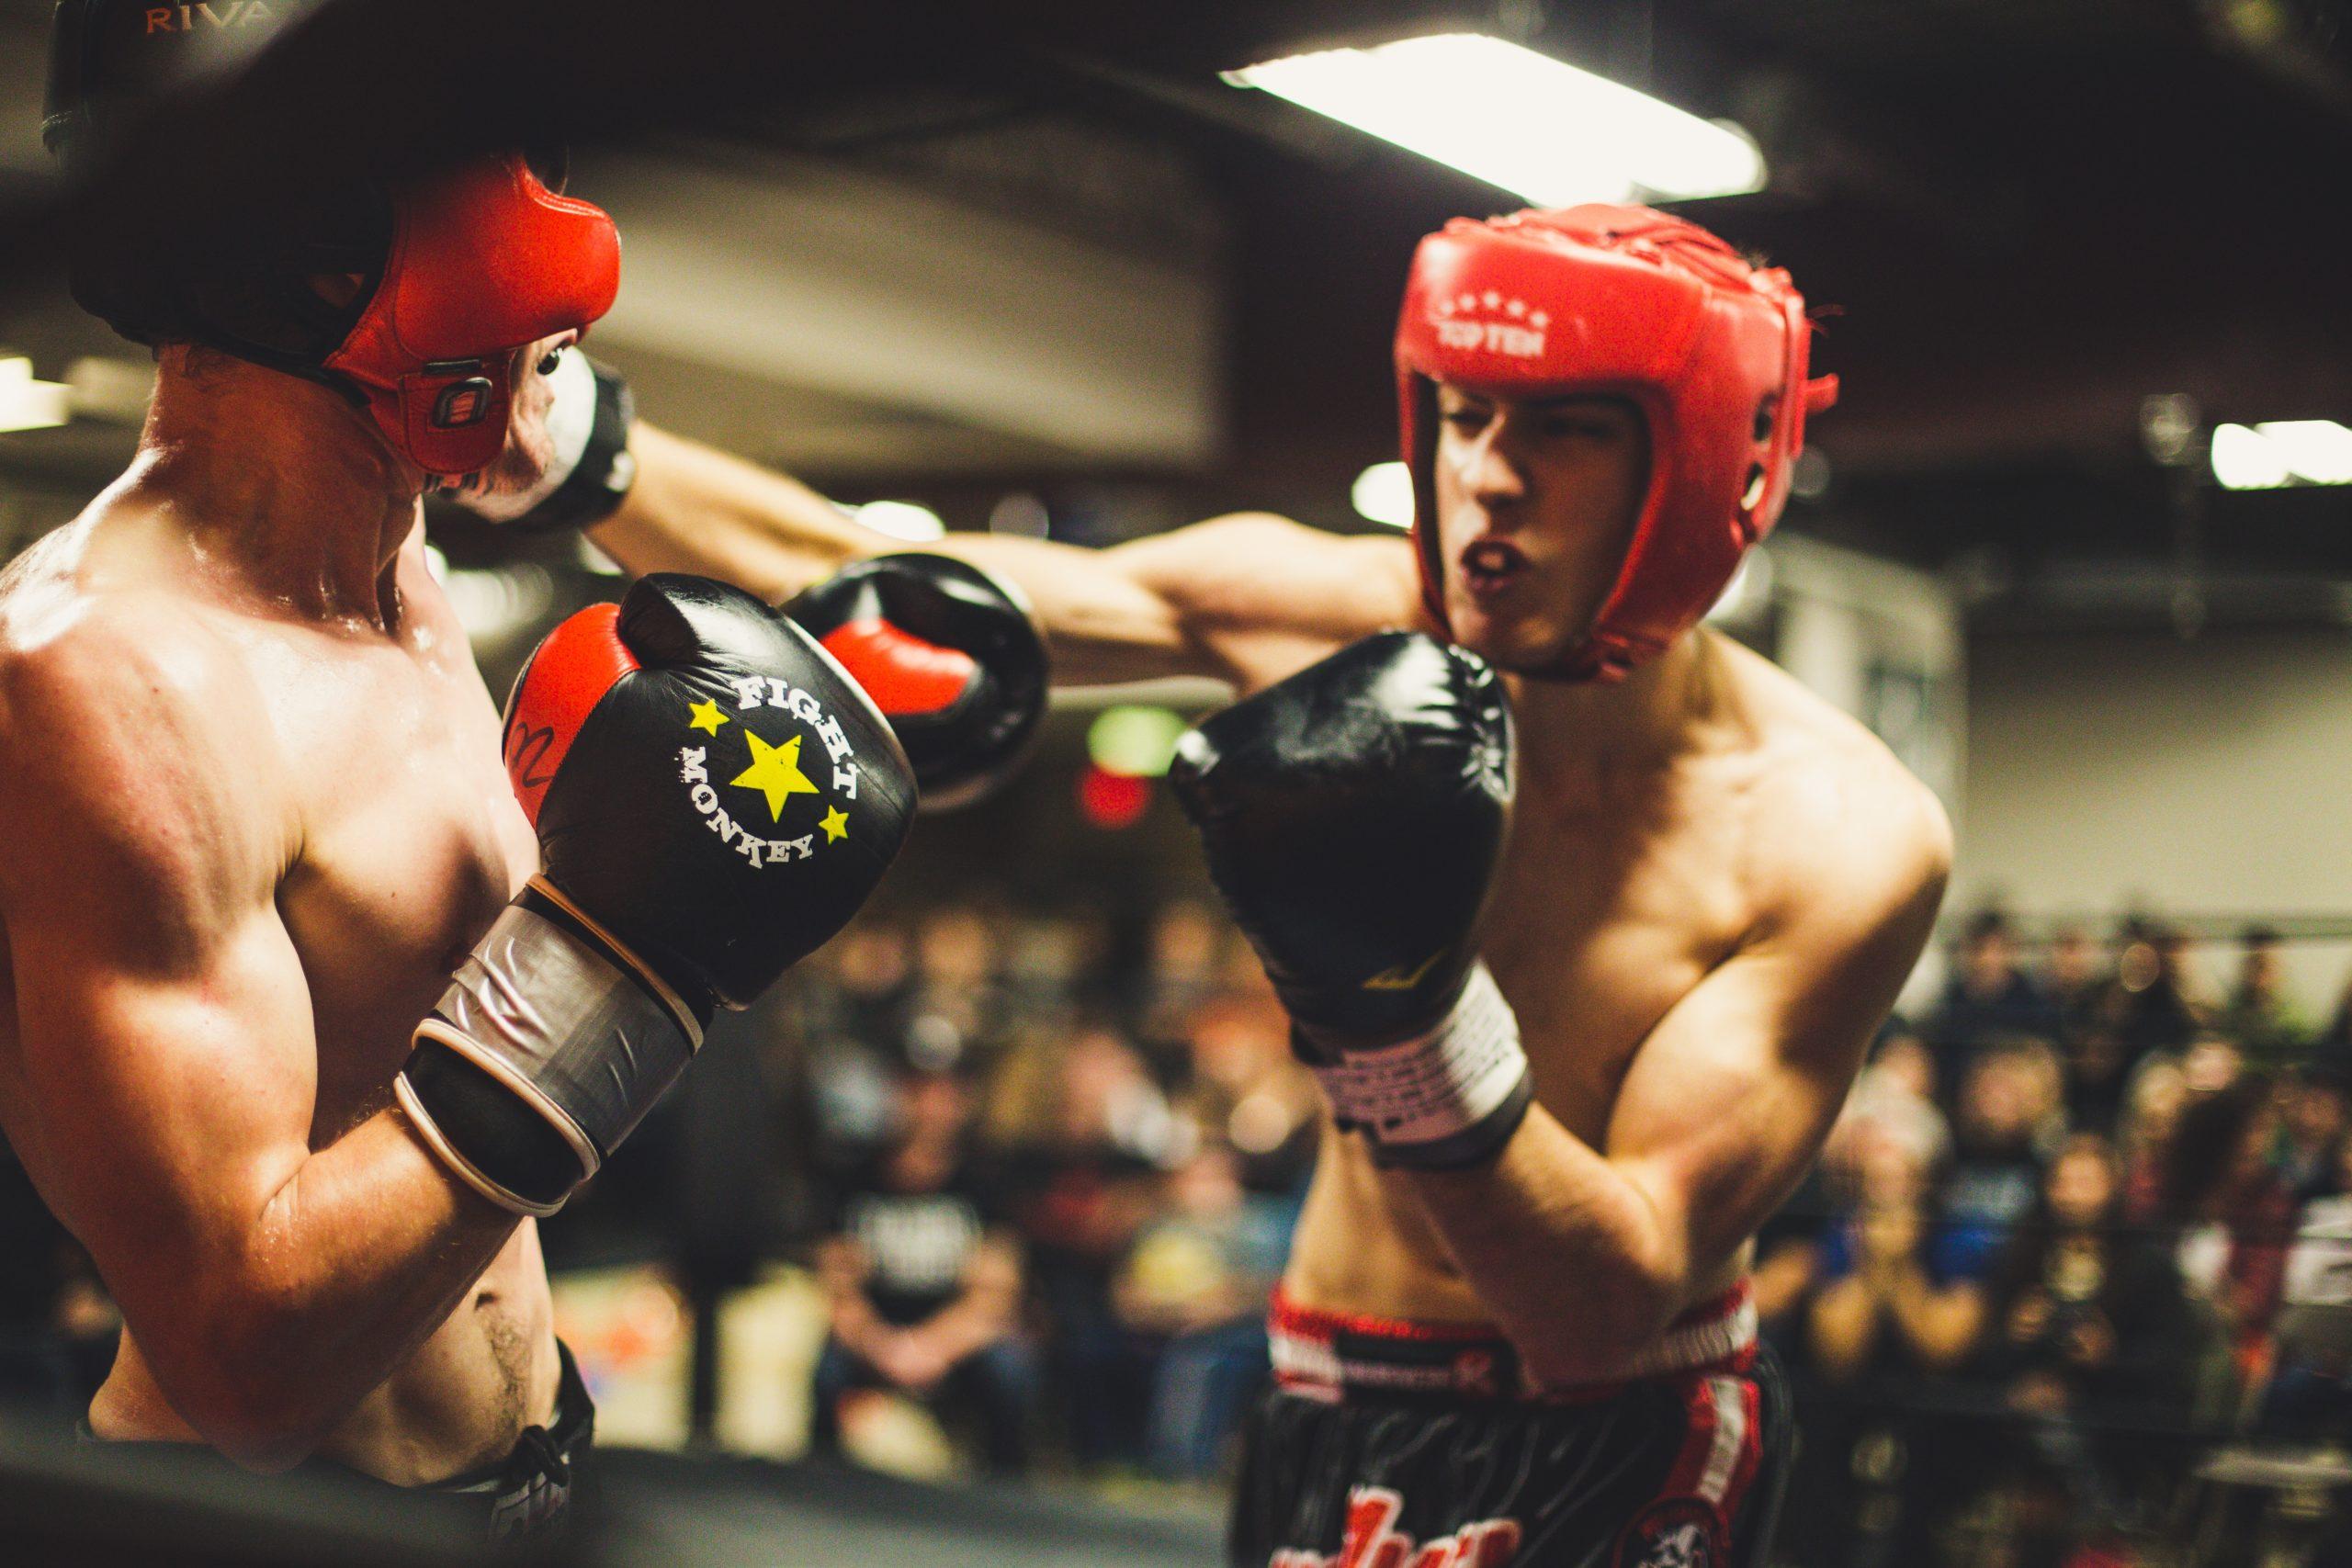 【悲報】 プロレスラーのシバターさん、20kgも軽い朝倉未来とか言う格闘家に25秒でKOされる。プロレスラーは弱いのか?